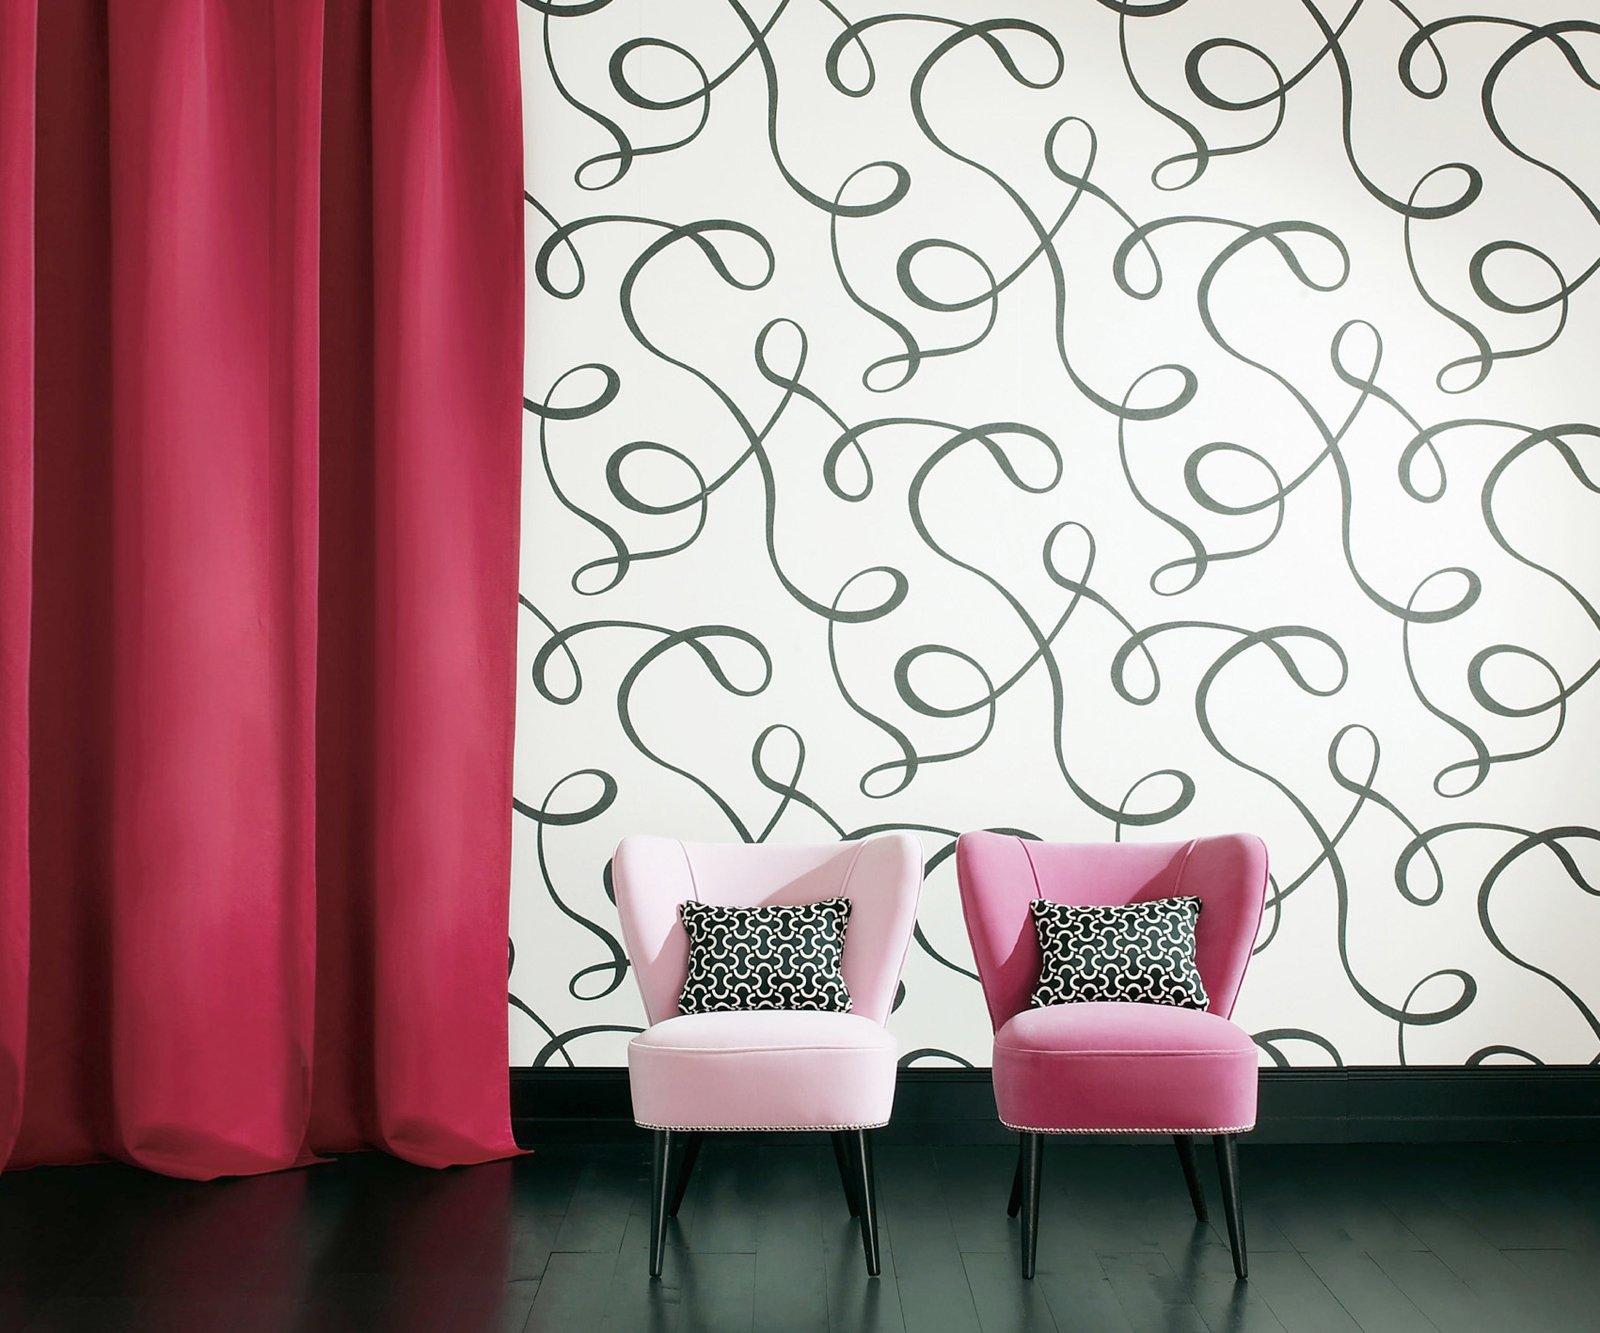 Pareti Camera A Righe: Decorazione di interni su parete pannelli e ...